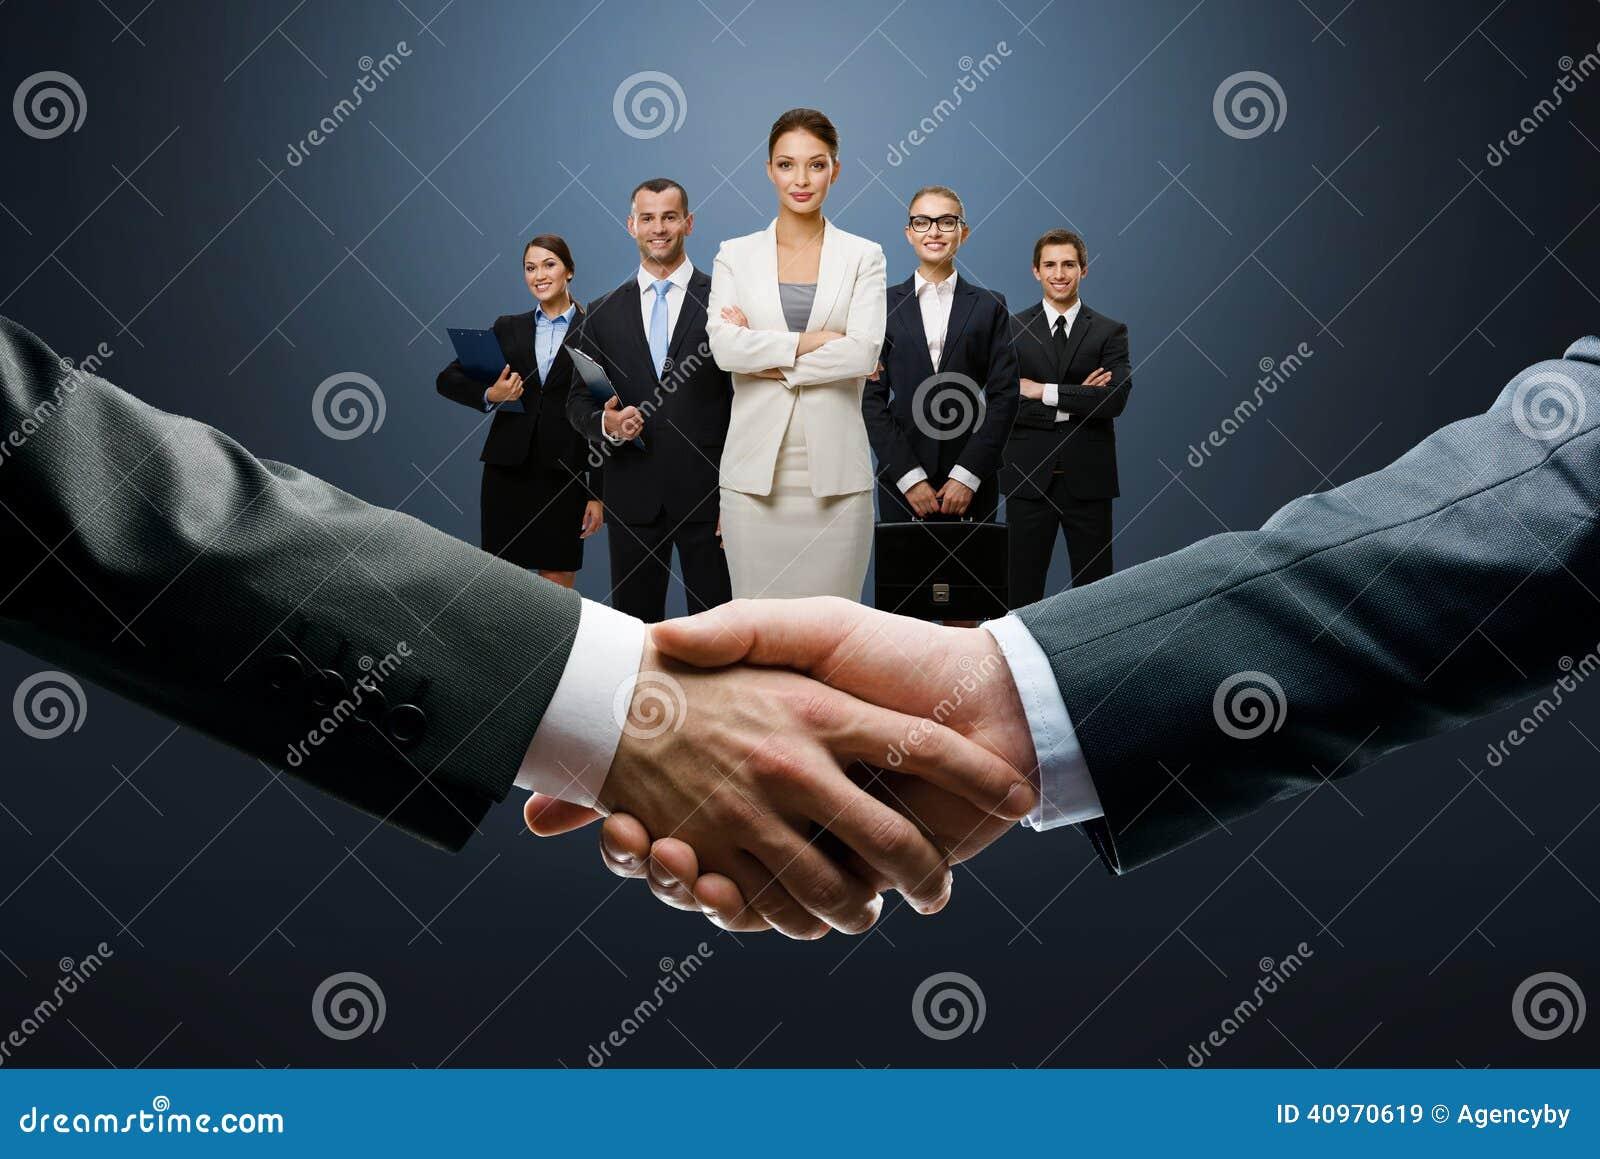 Końcowa transakcja z uściskiem dłoni